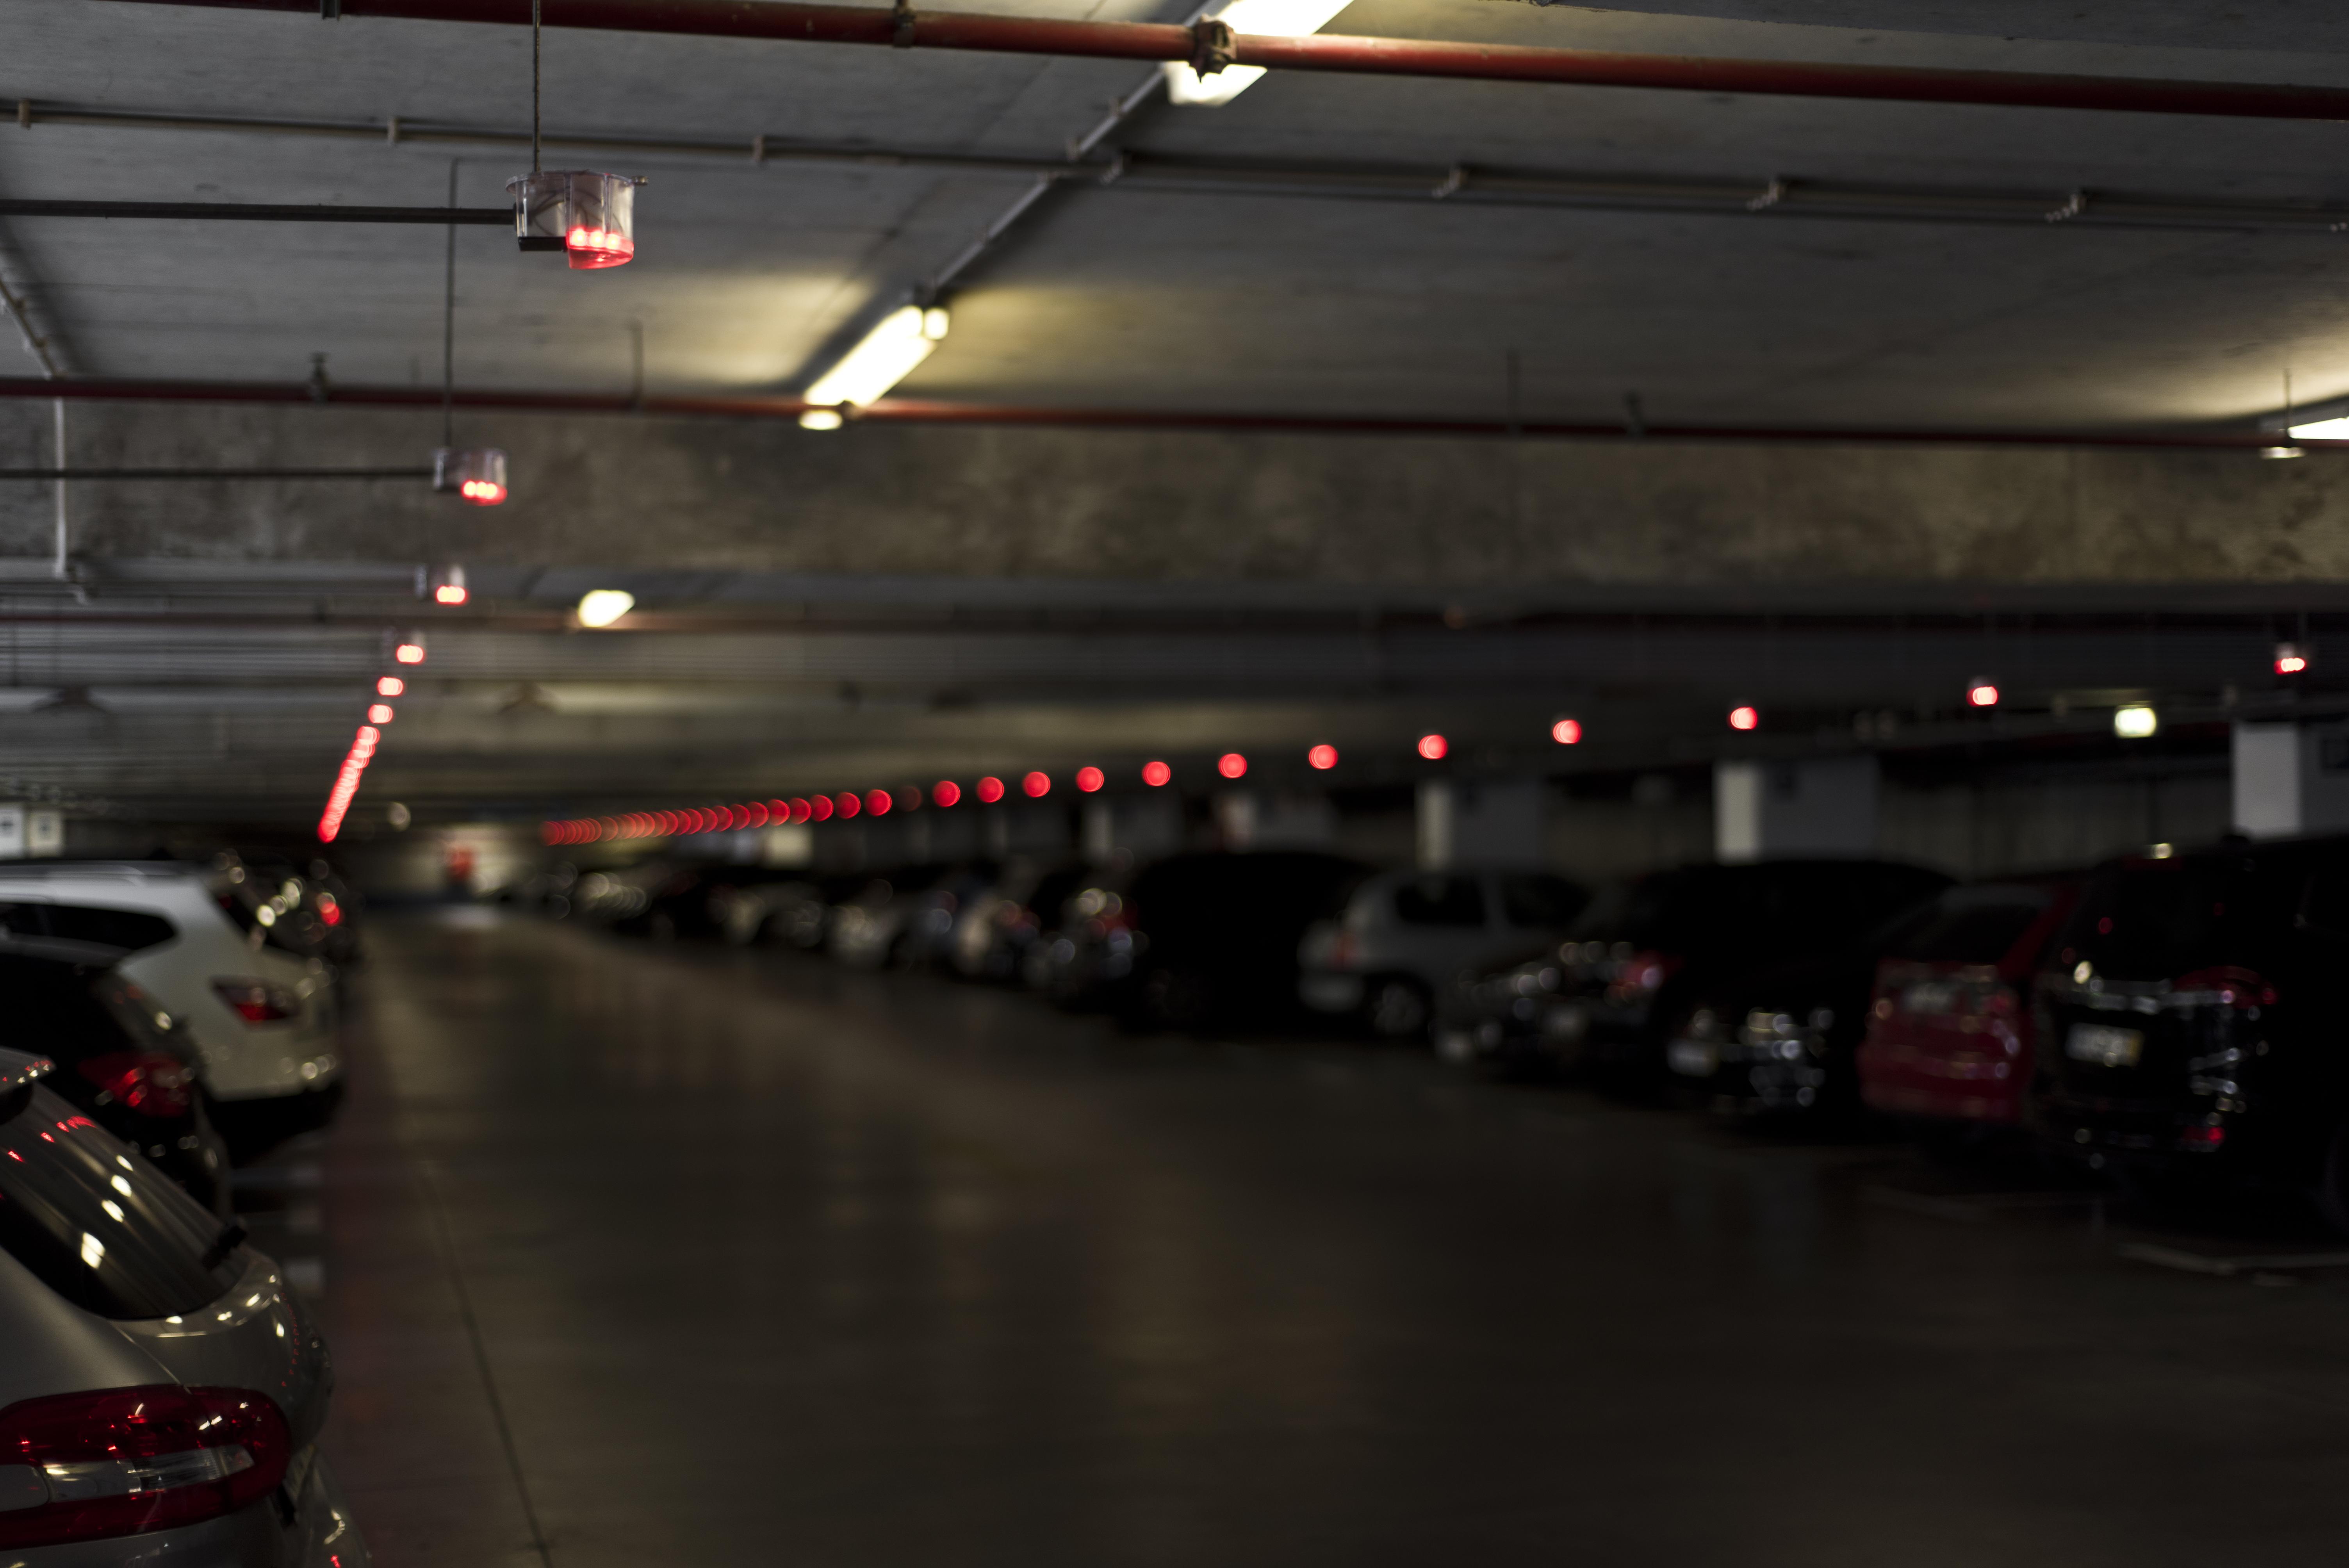 Placegar é uma empresa dedicada à gestão de parques de estacionamentos